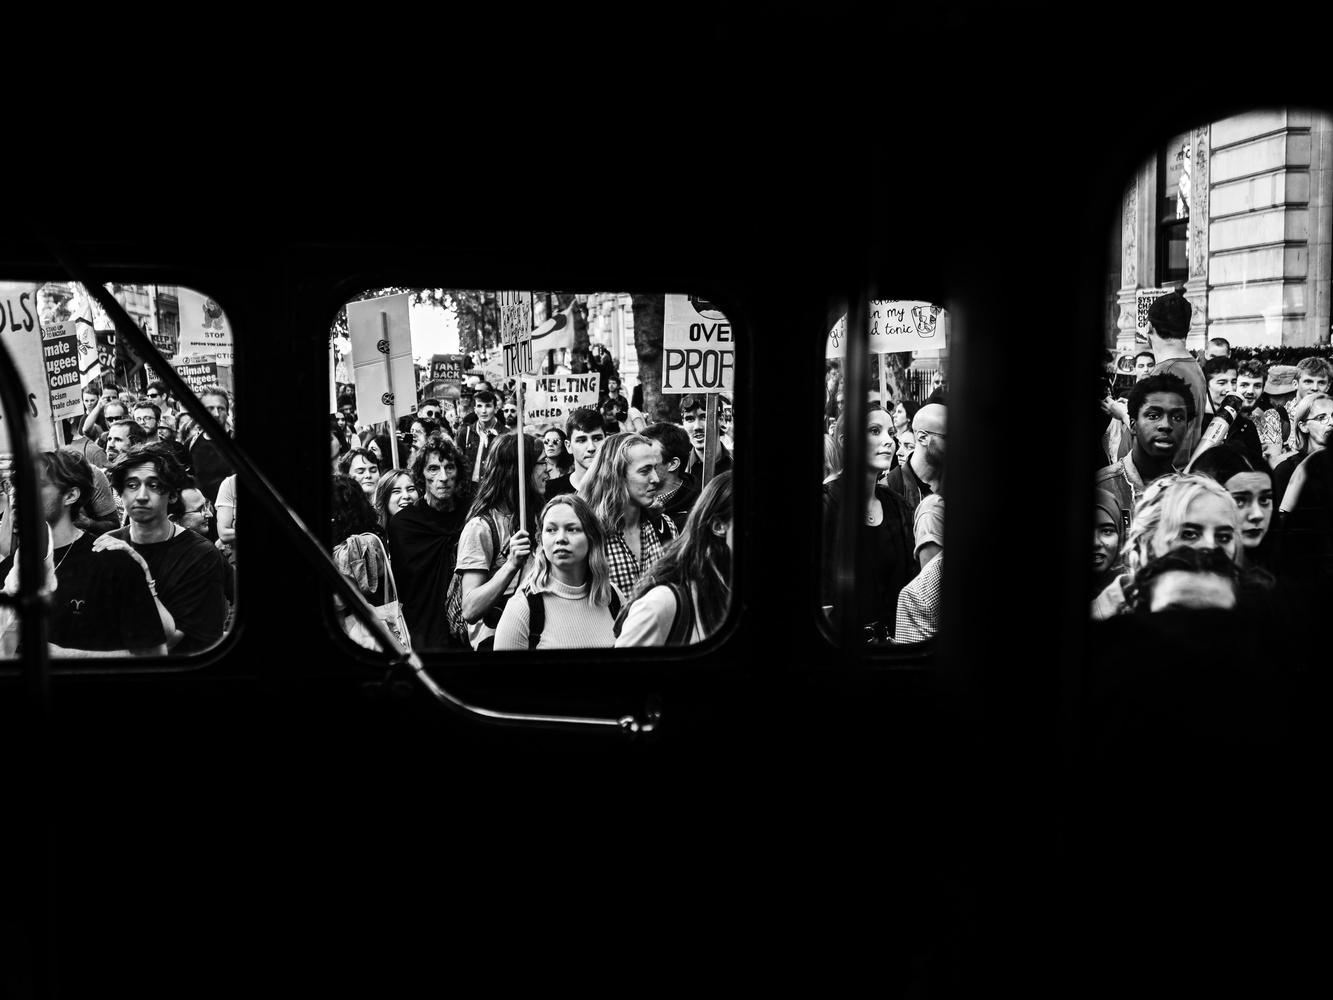 Protest by Tomasz Kowalski